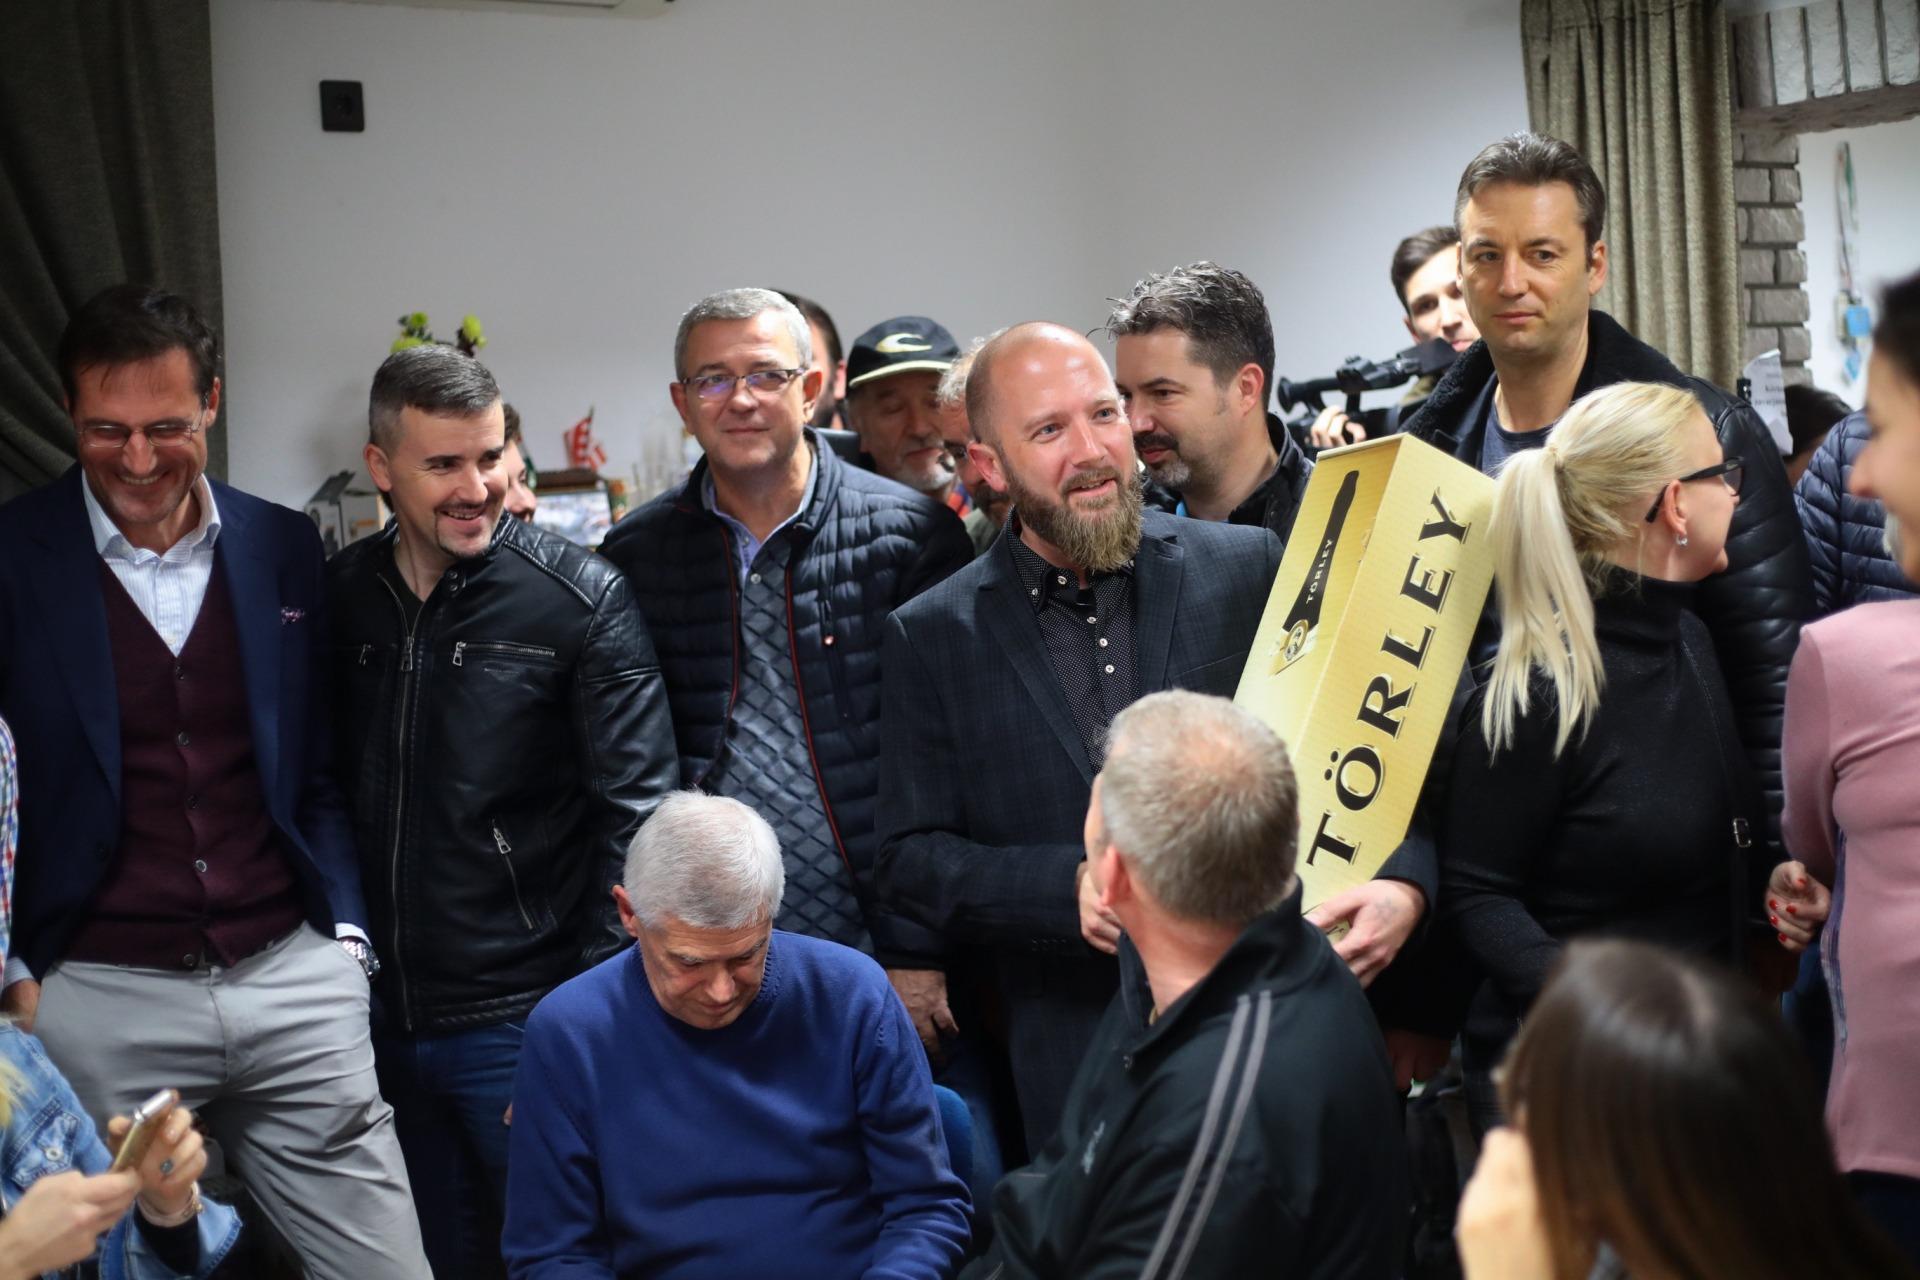 Óriási főlénnyel győzte le a Fideszt Jászberényben a jobbikos polgármesterjelölt